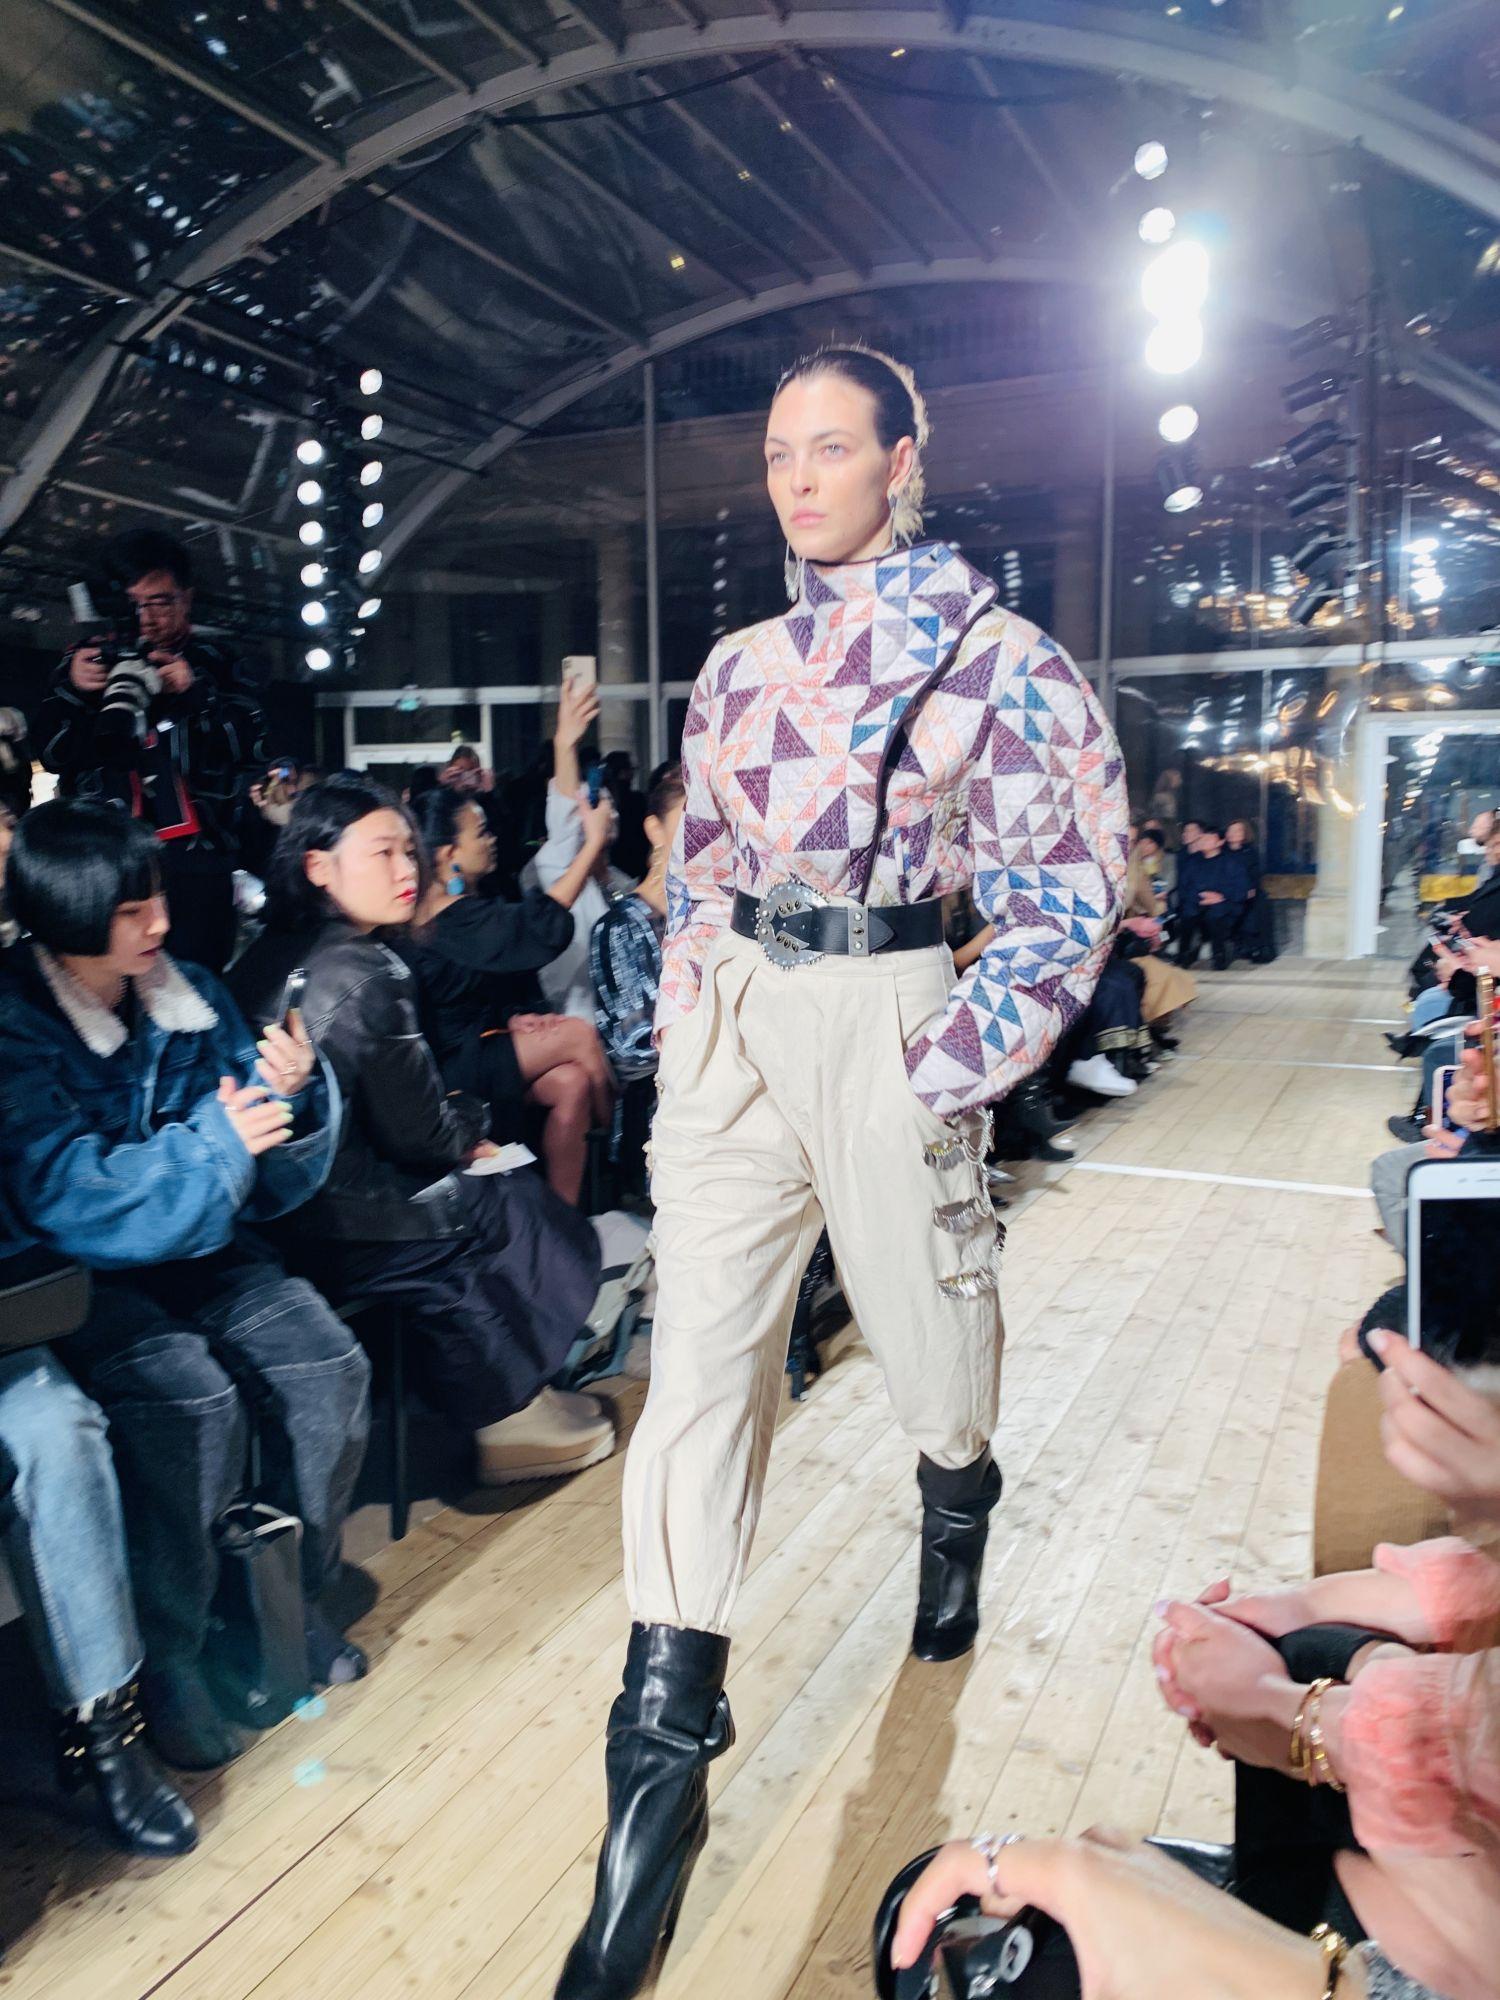 Paris Fashion Week Fall Winter 2019 Day 3 Highlights Tatler Hong Kong